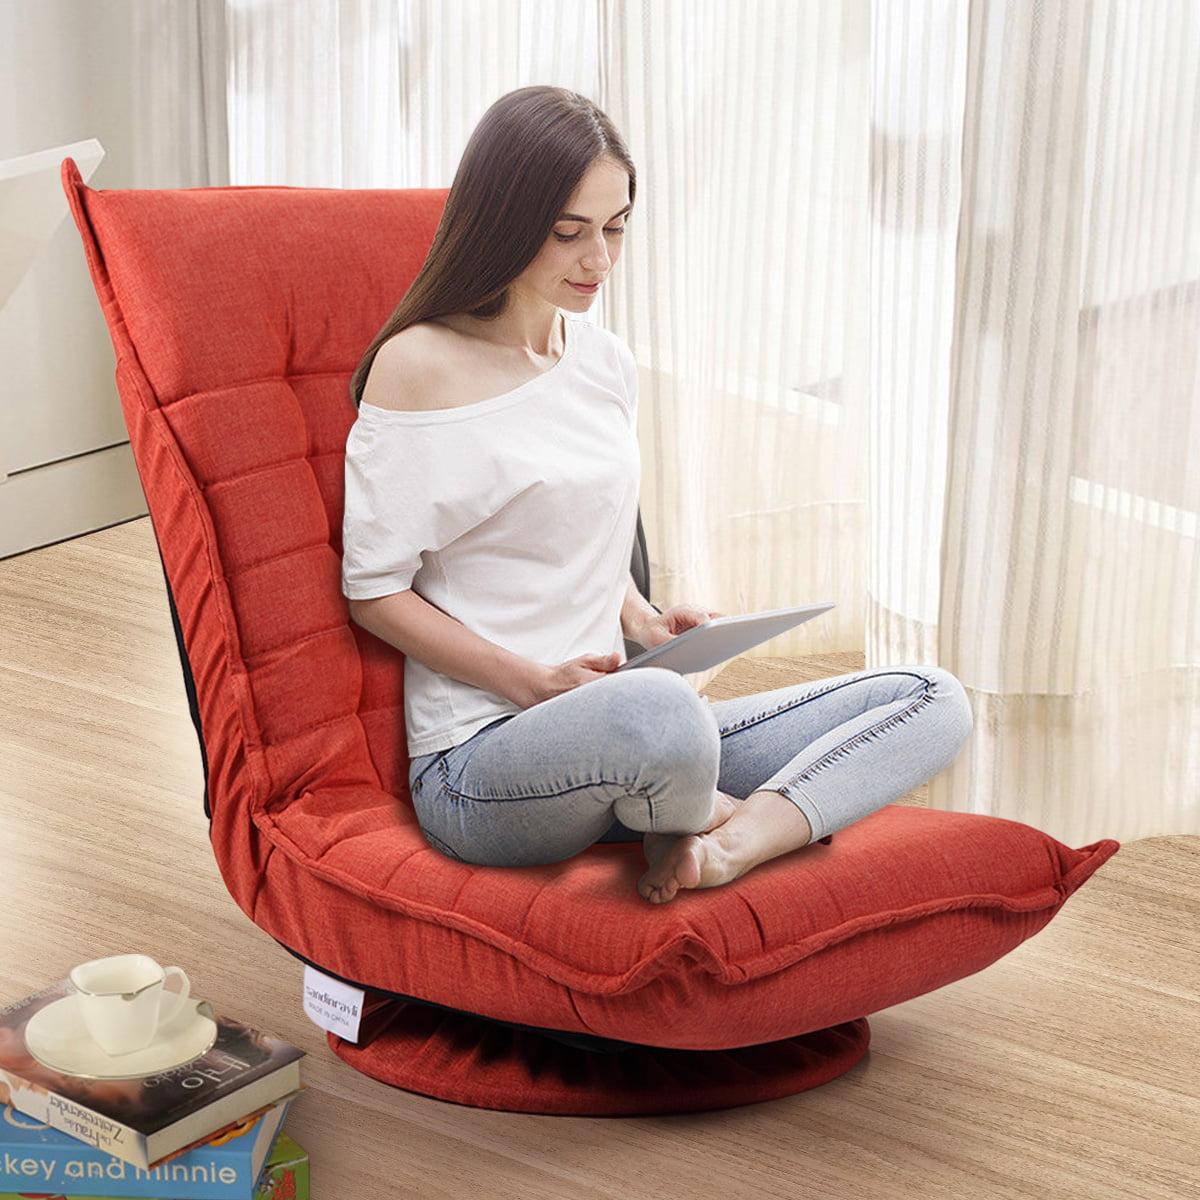 Jaxpety Adjustable 5 Position Floor Chair Fabric Folded